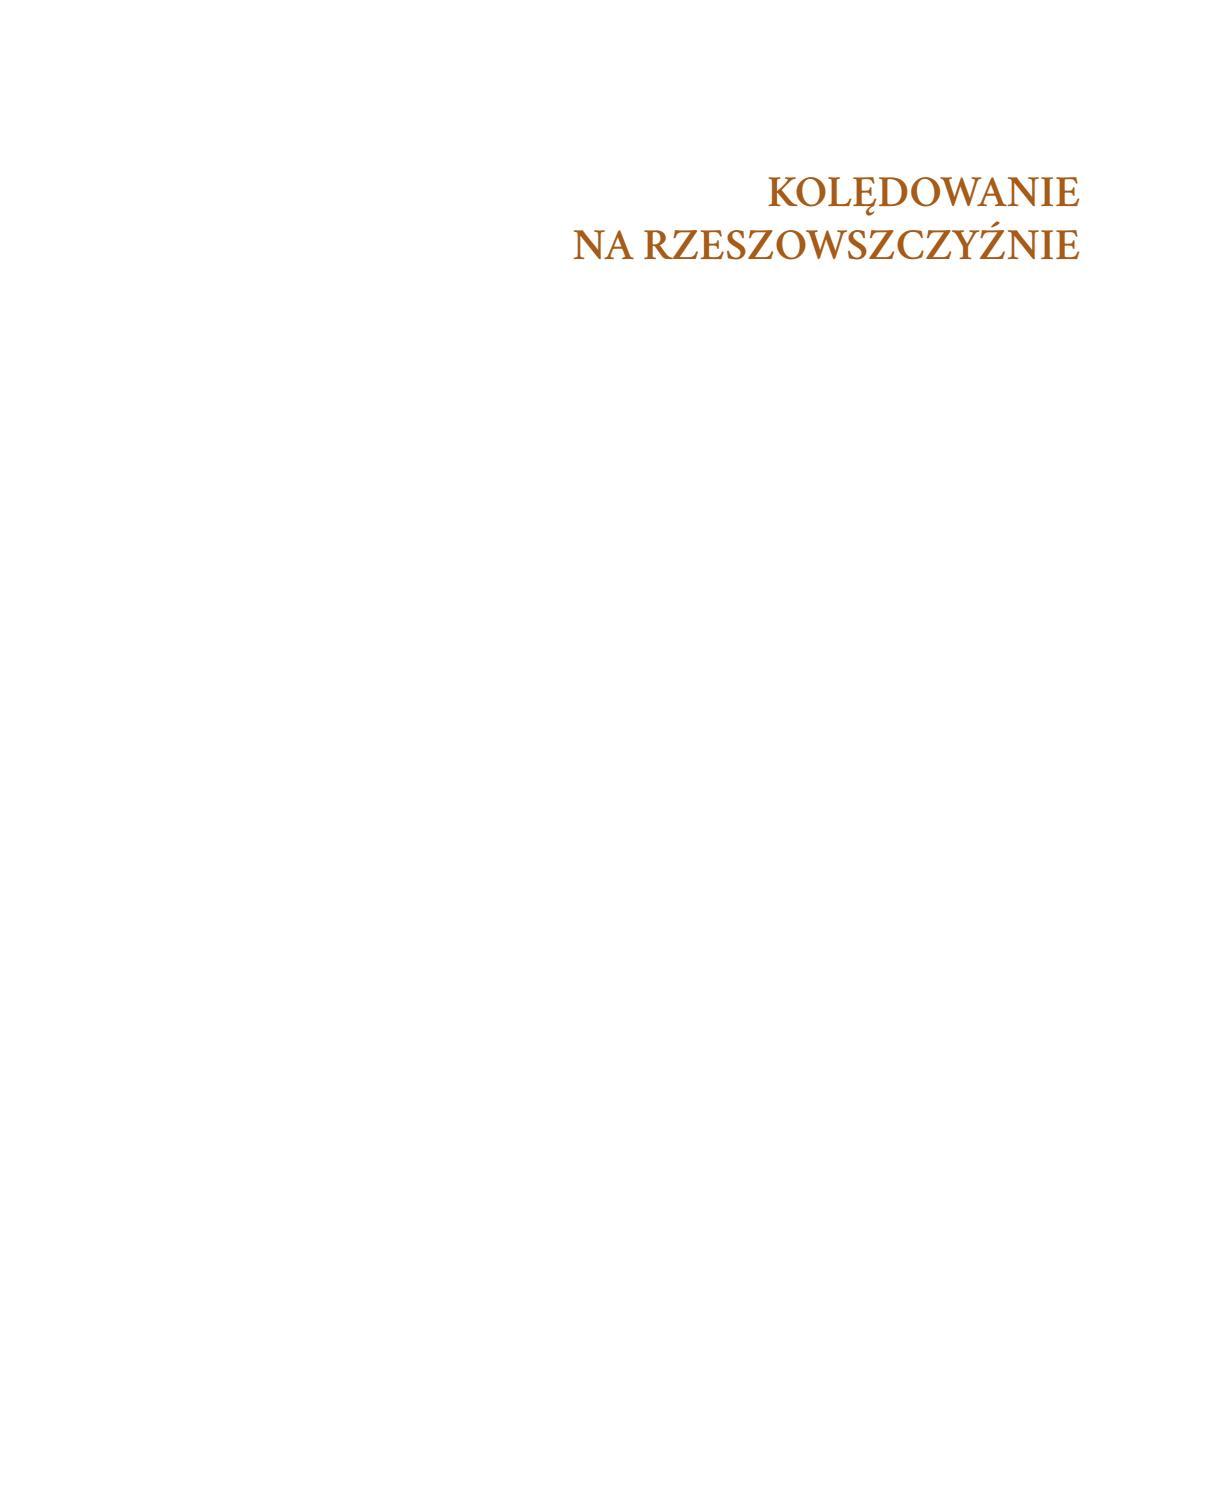 NR 5/2009 - Starostwo Powiatowe w Leajsku